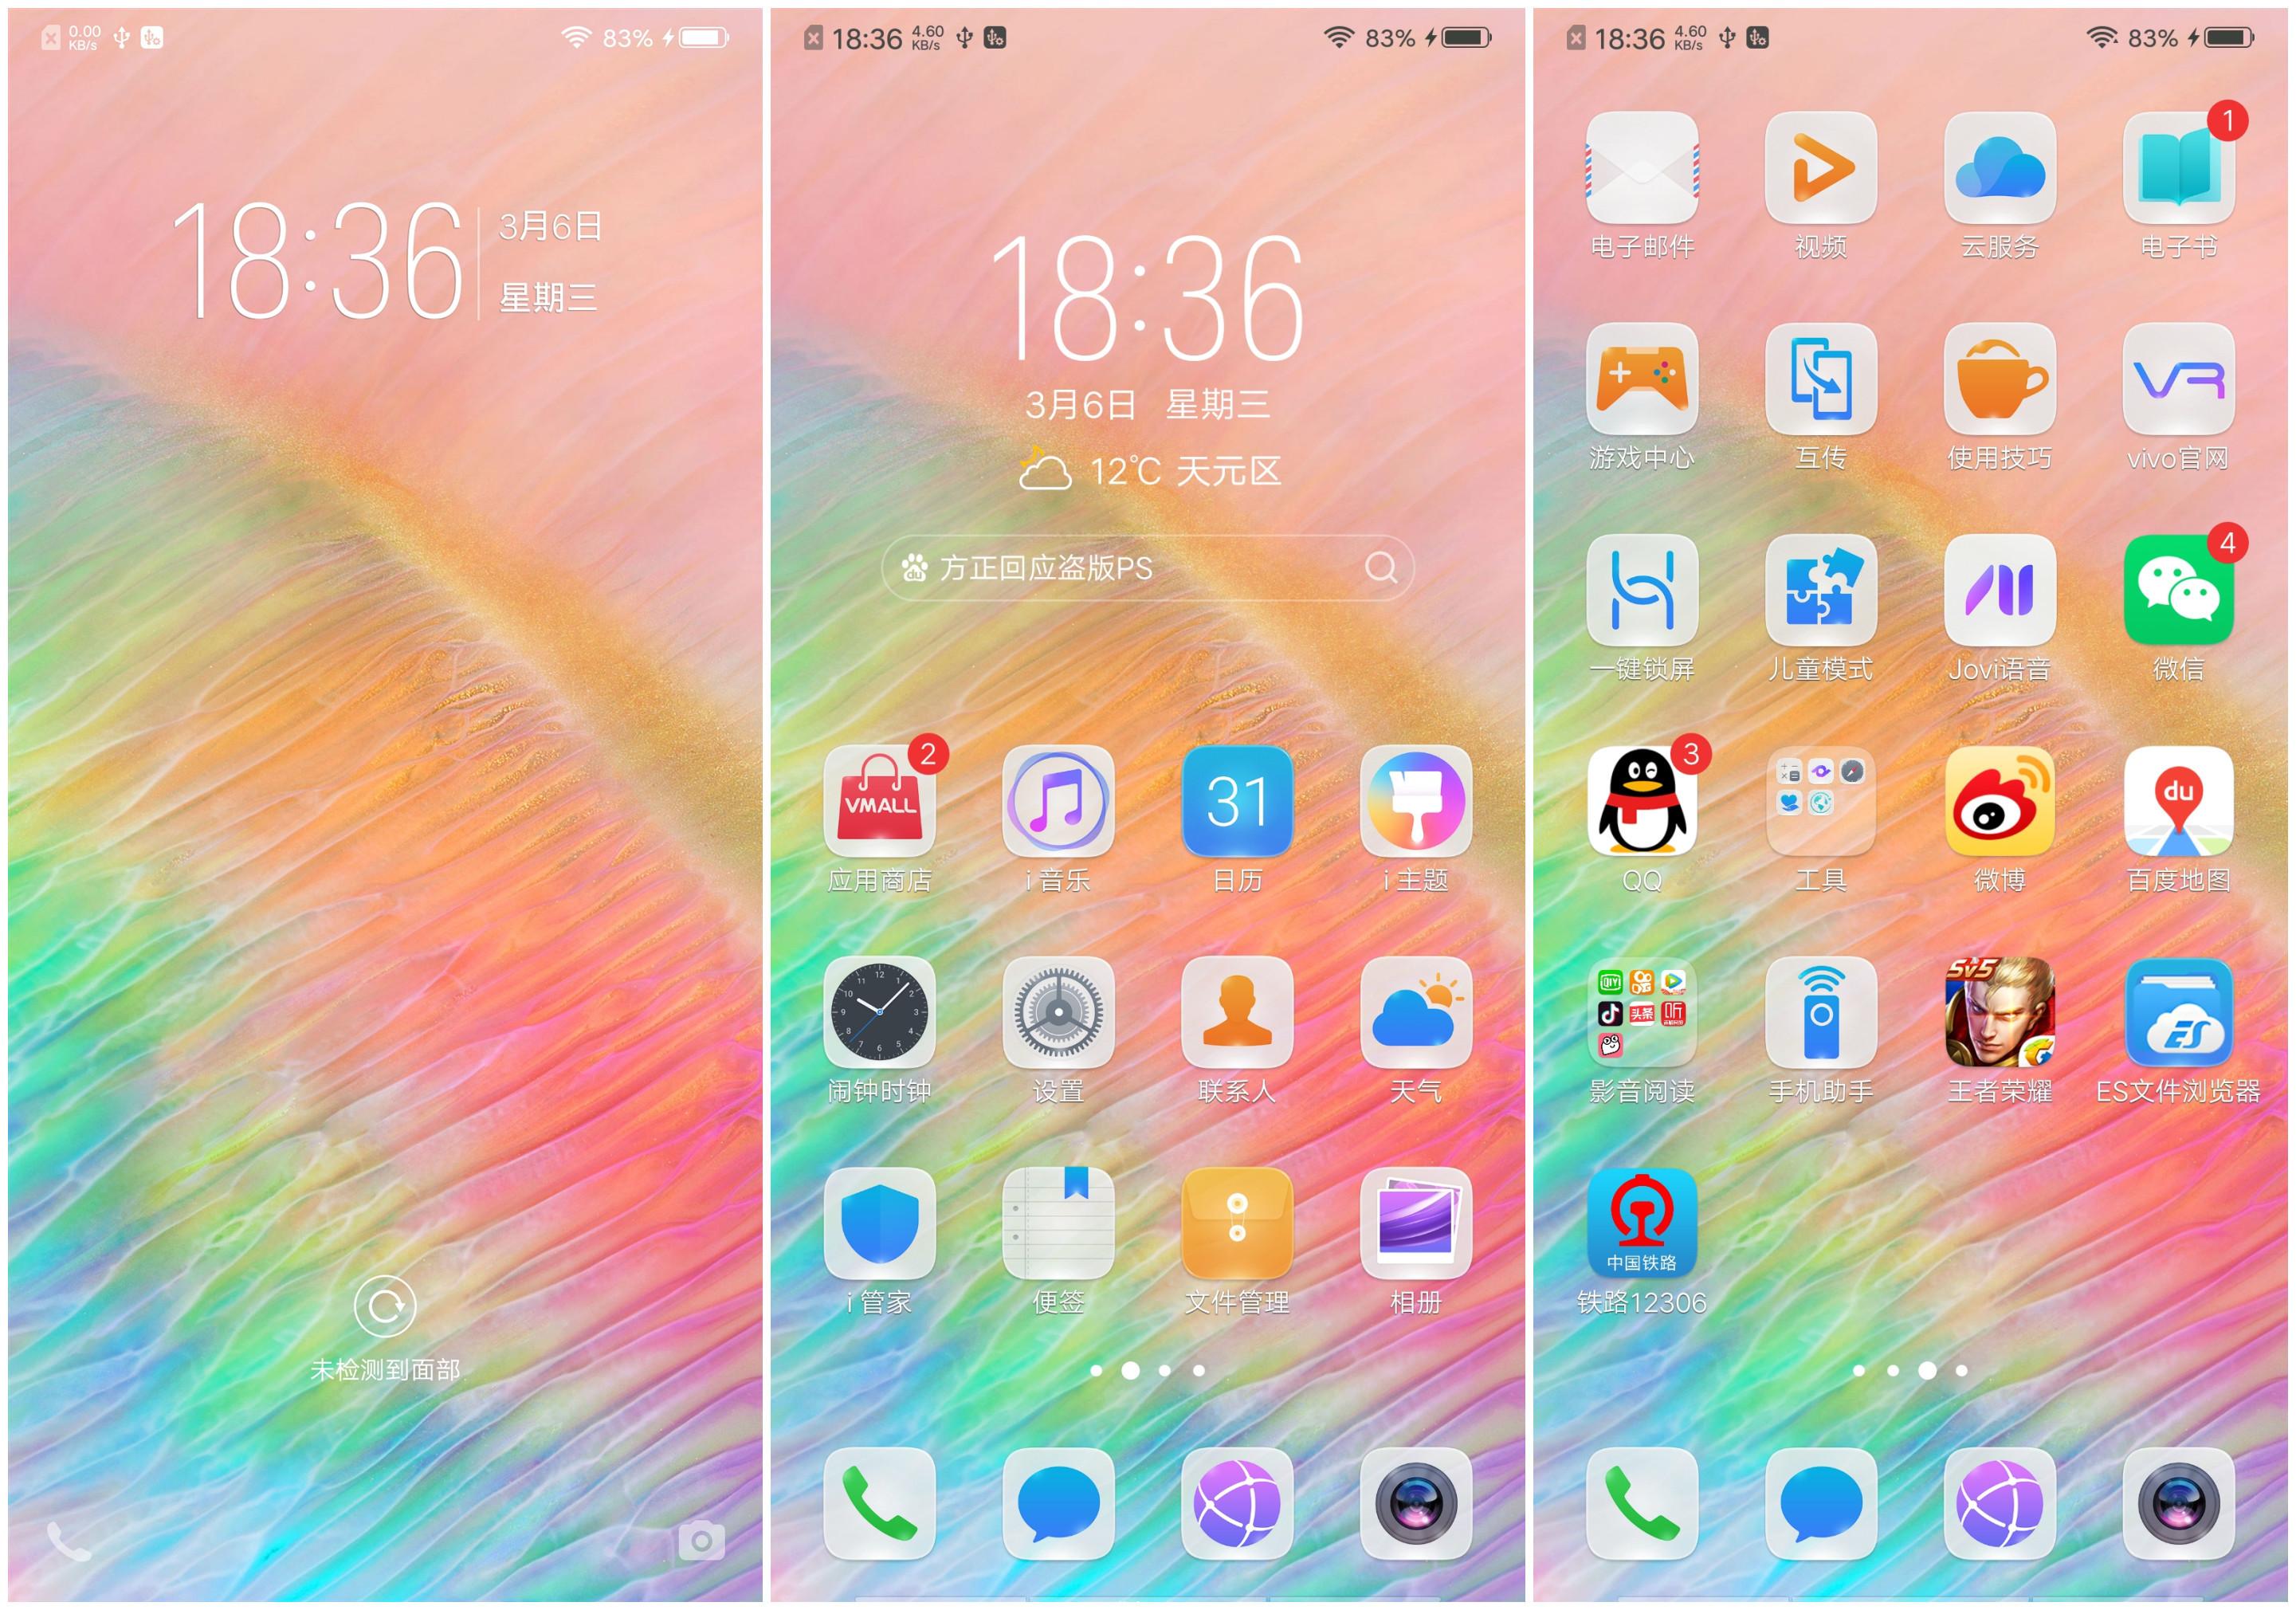 Screenshot_20190306_183630_副本.jpg